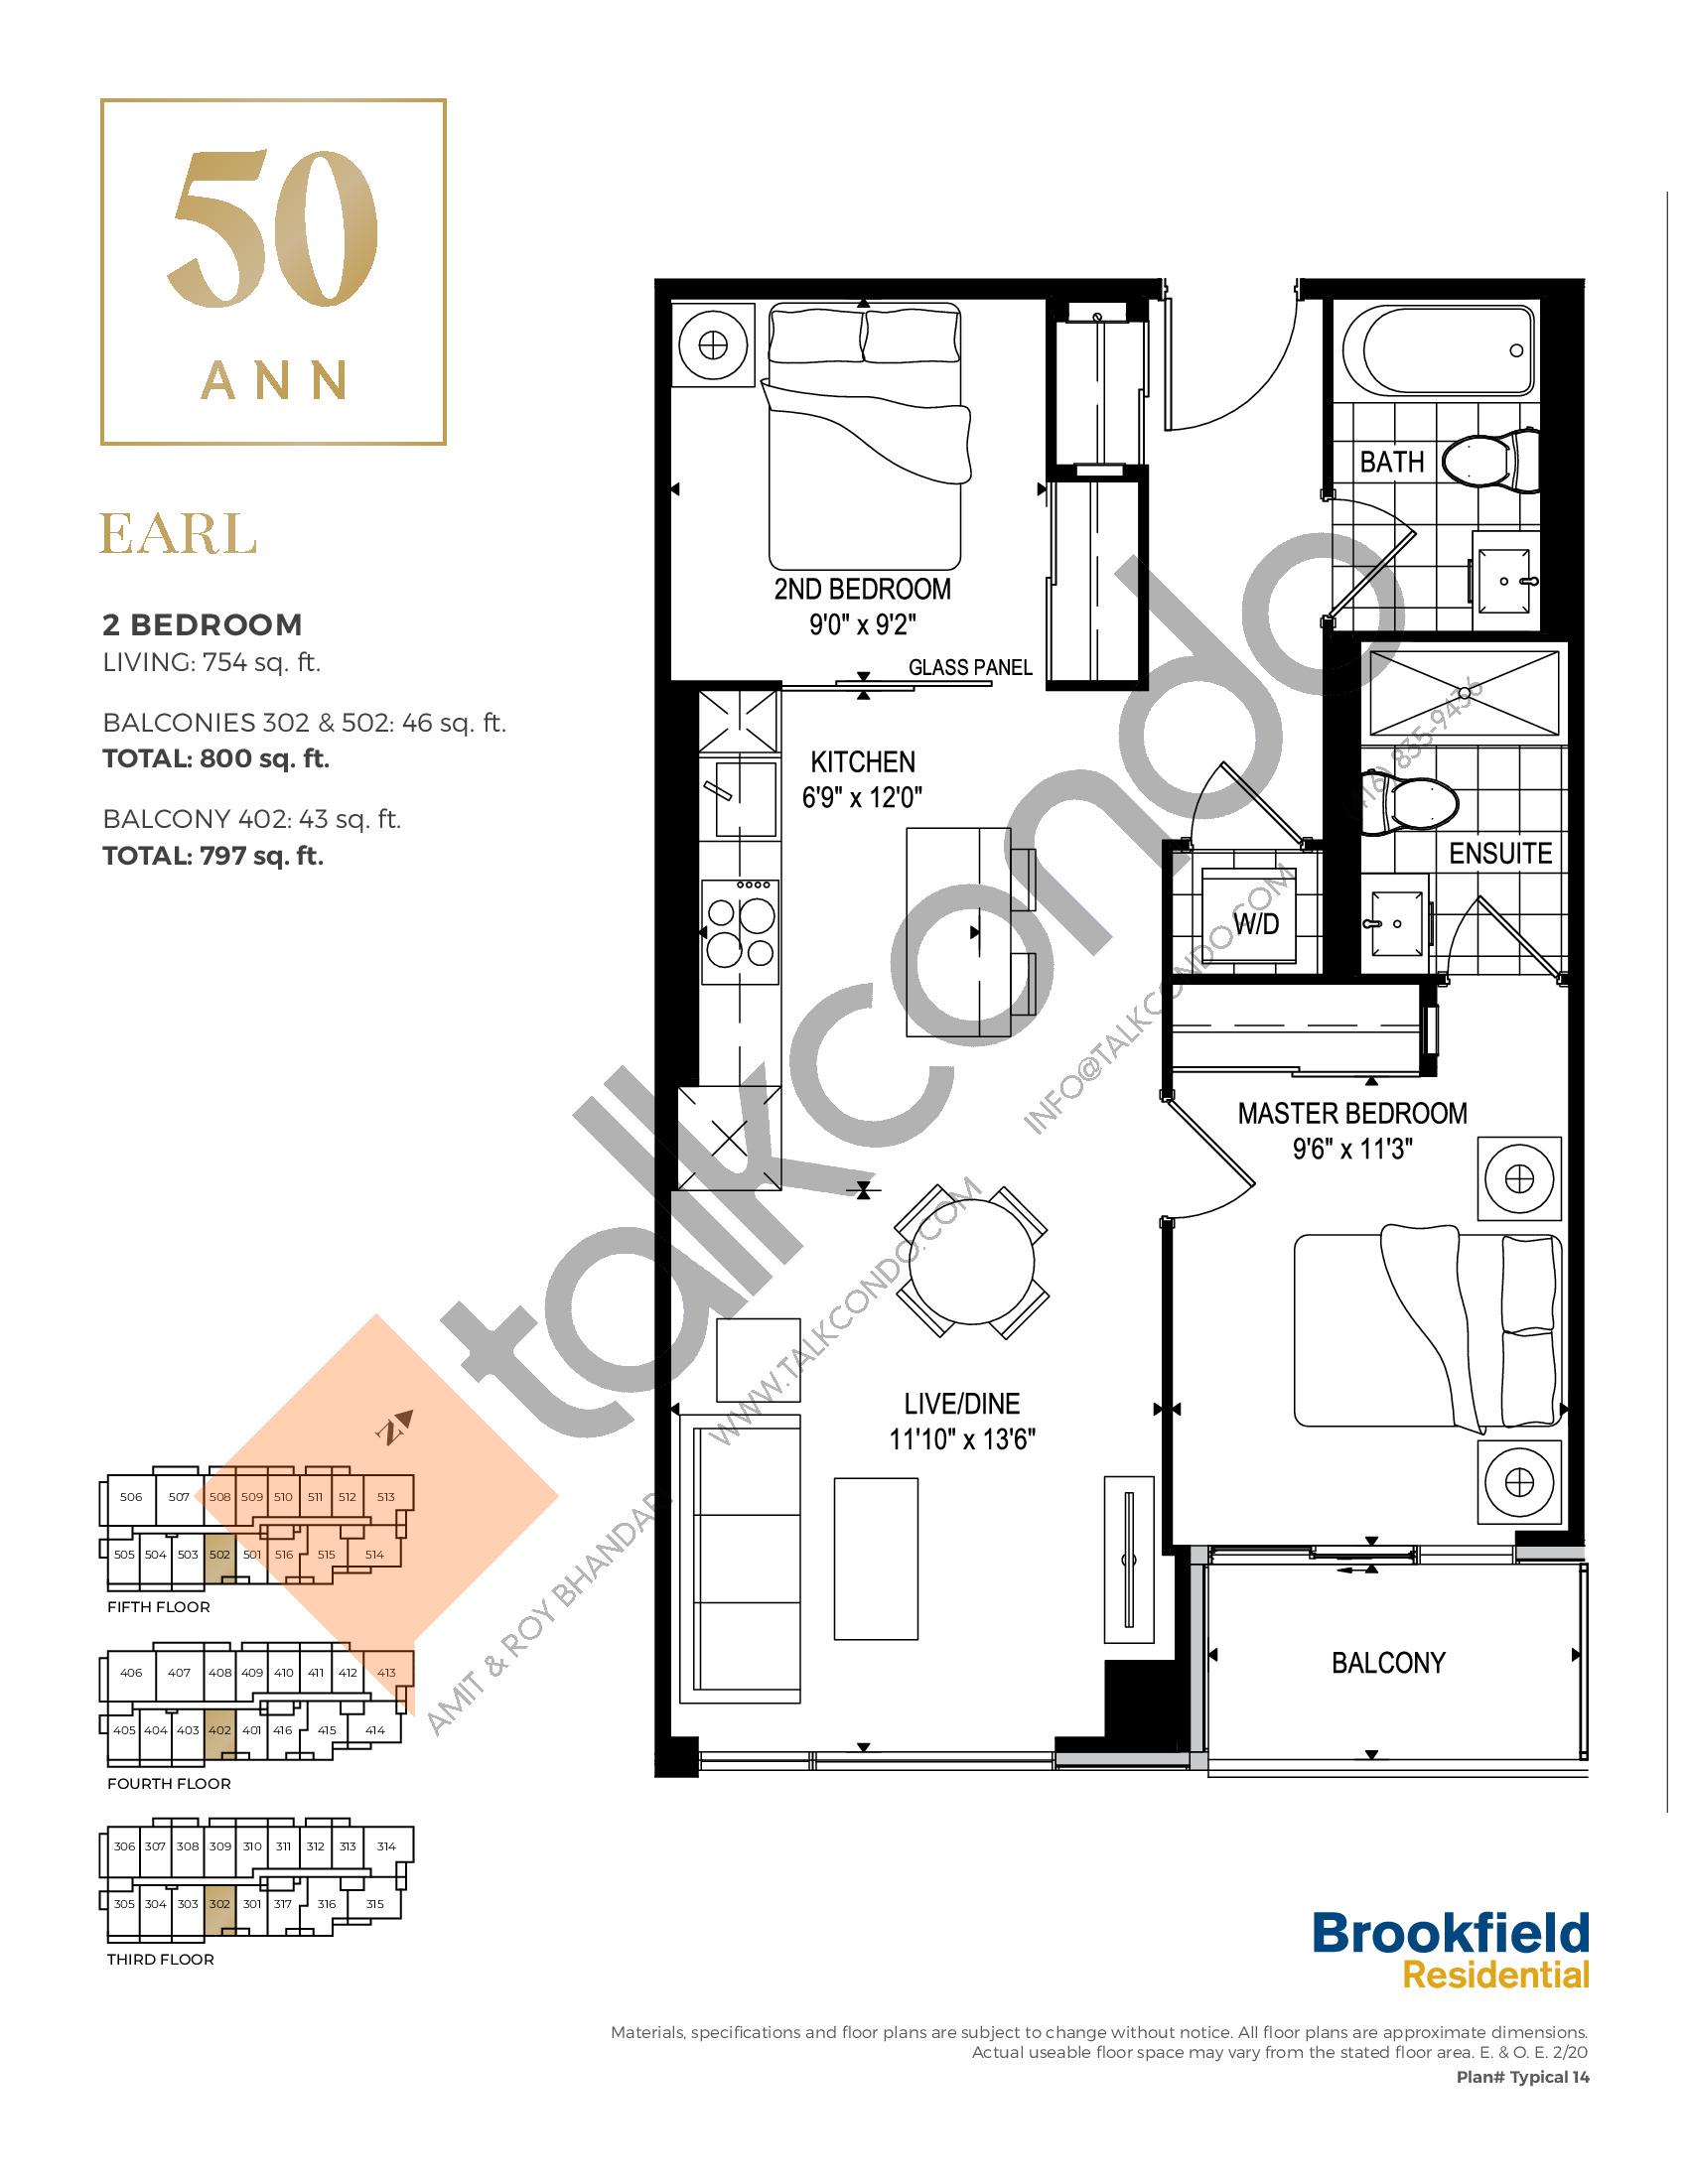 Earl Floor Plan at 50 Ann Condos - 754 sq.ft